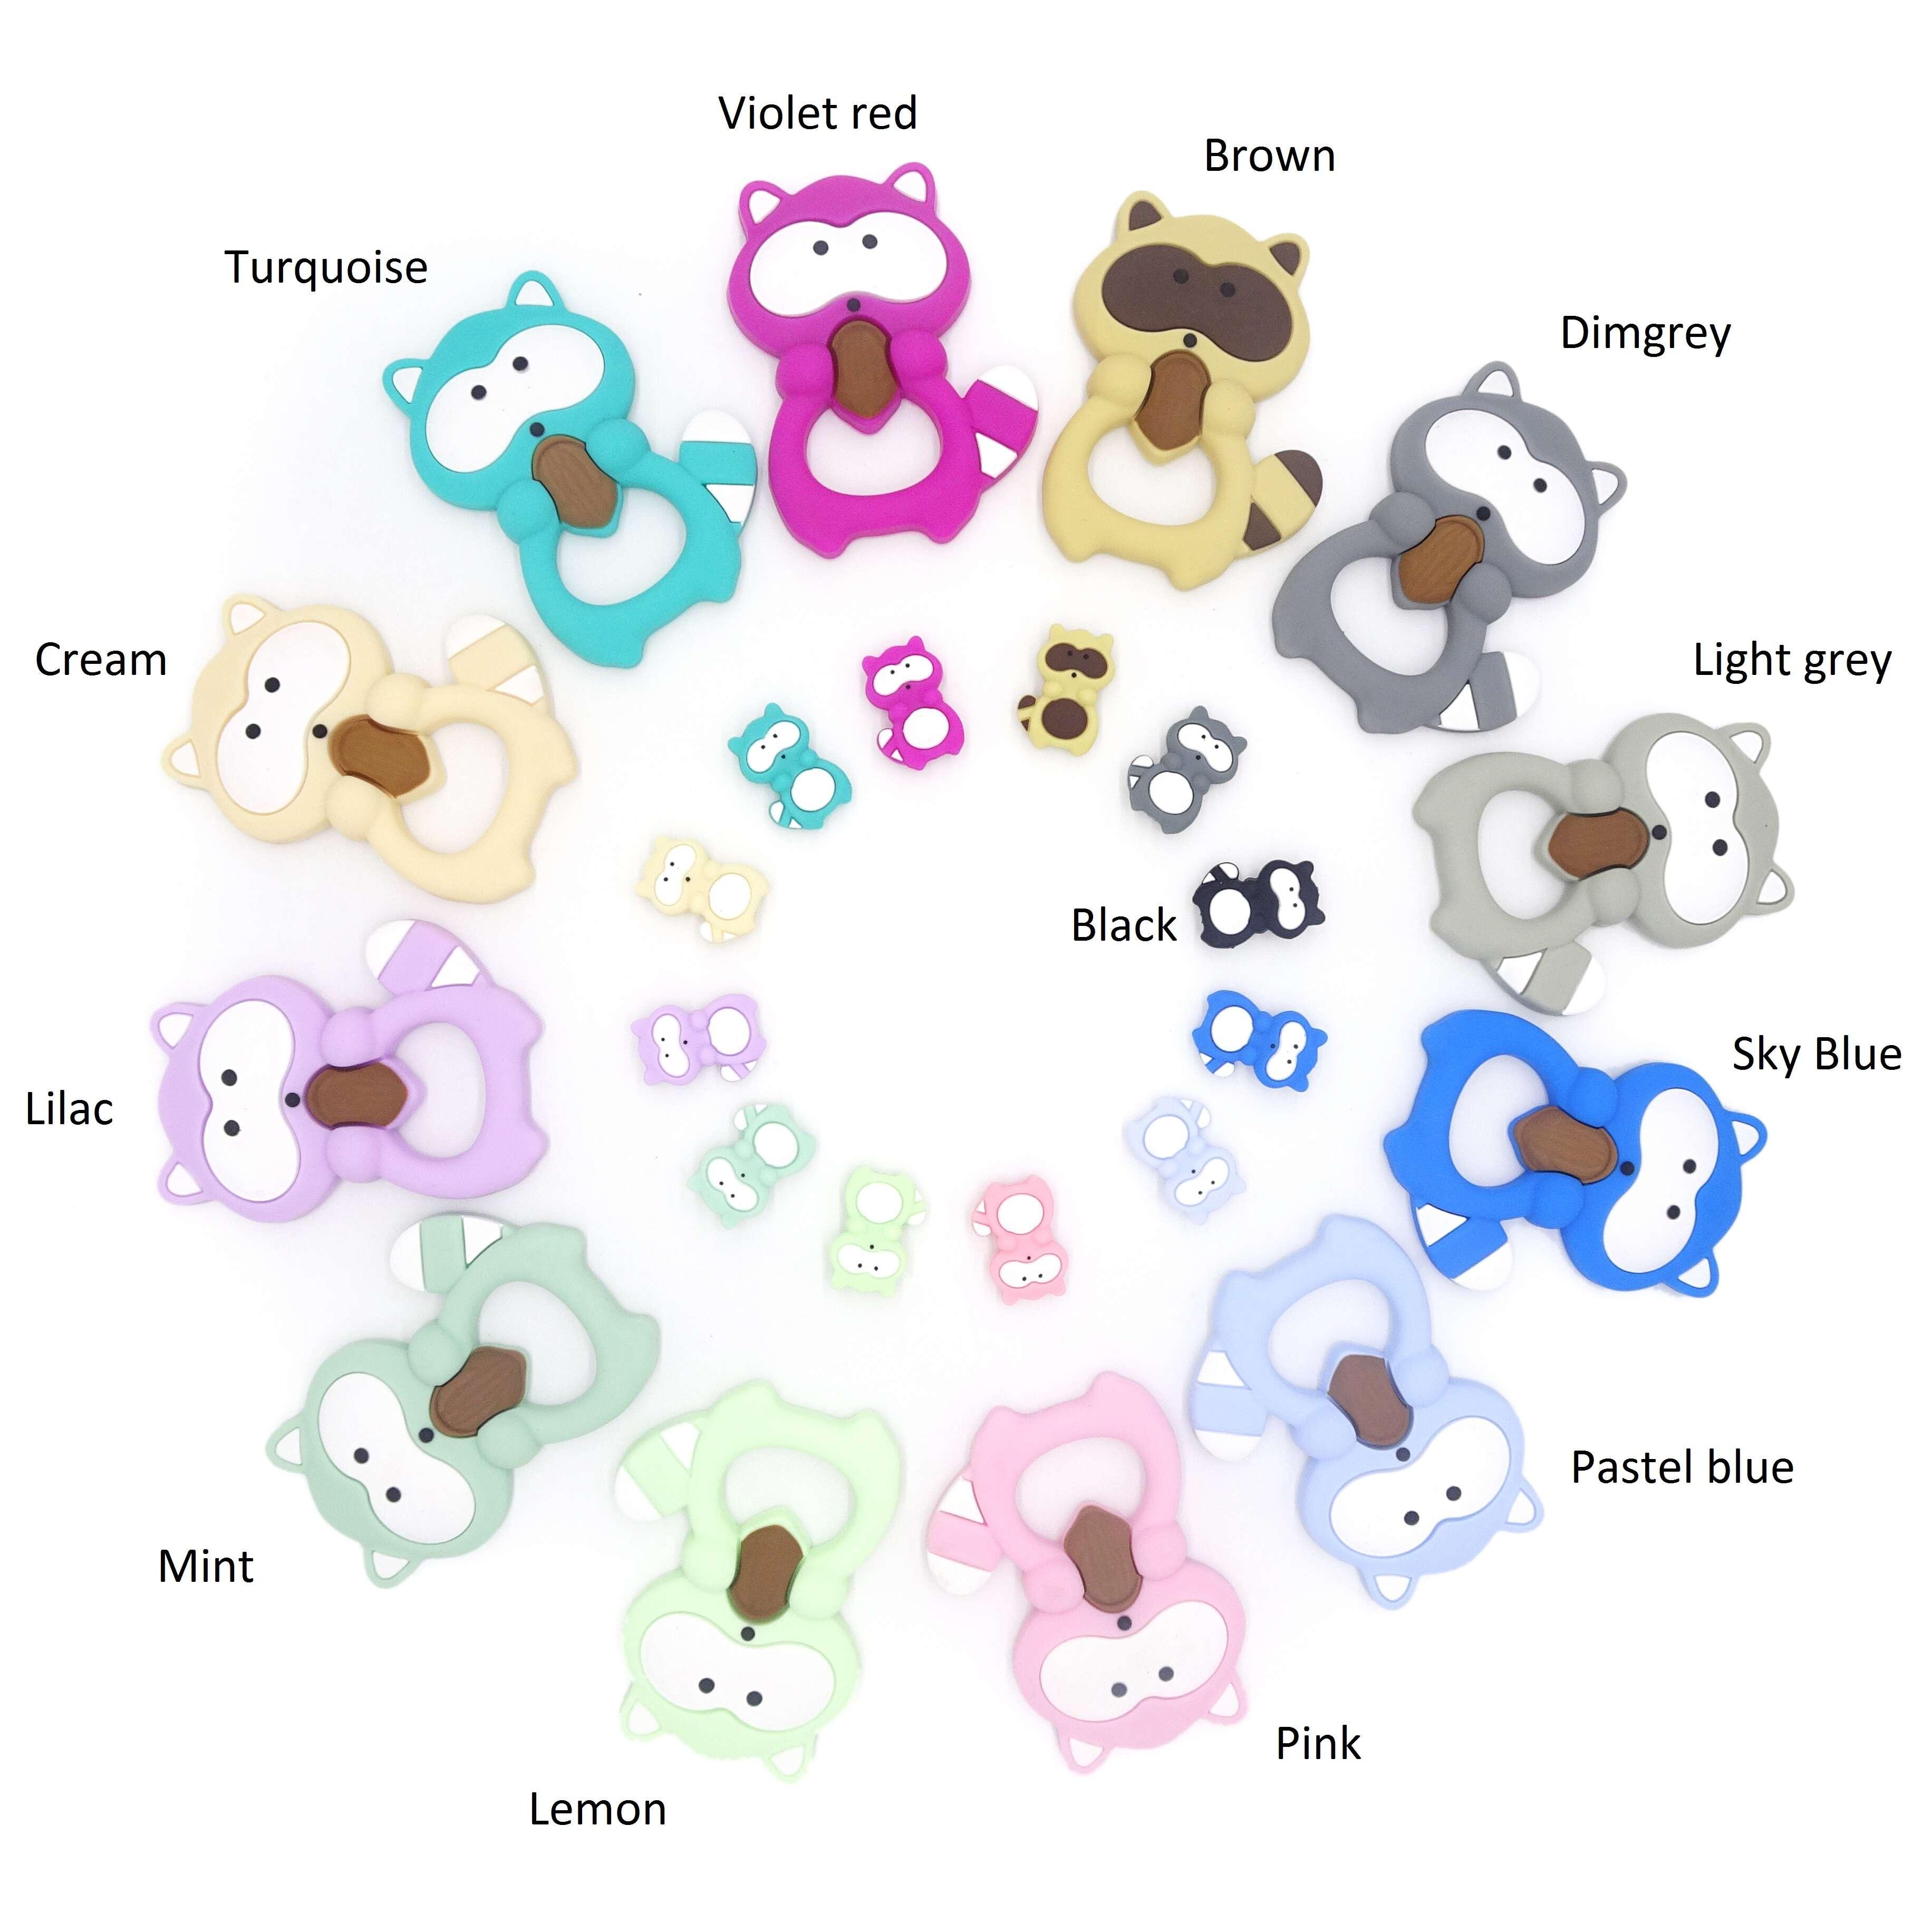 Silikoon Baby tande kry Baby Tandekry Toys |  Melikey Voorgestelde Image